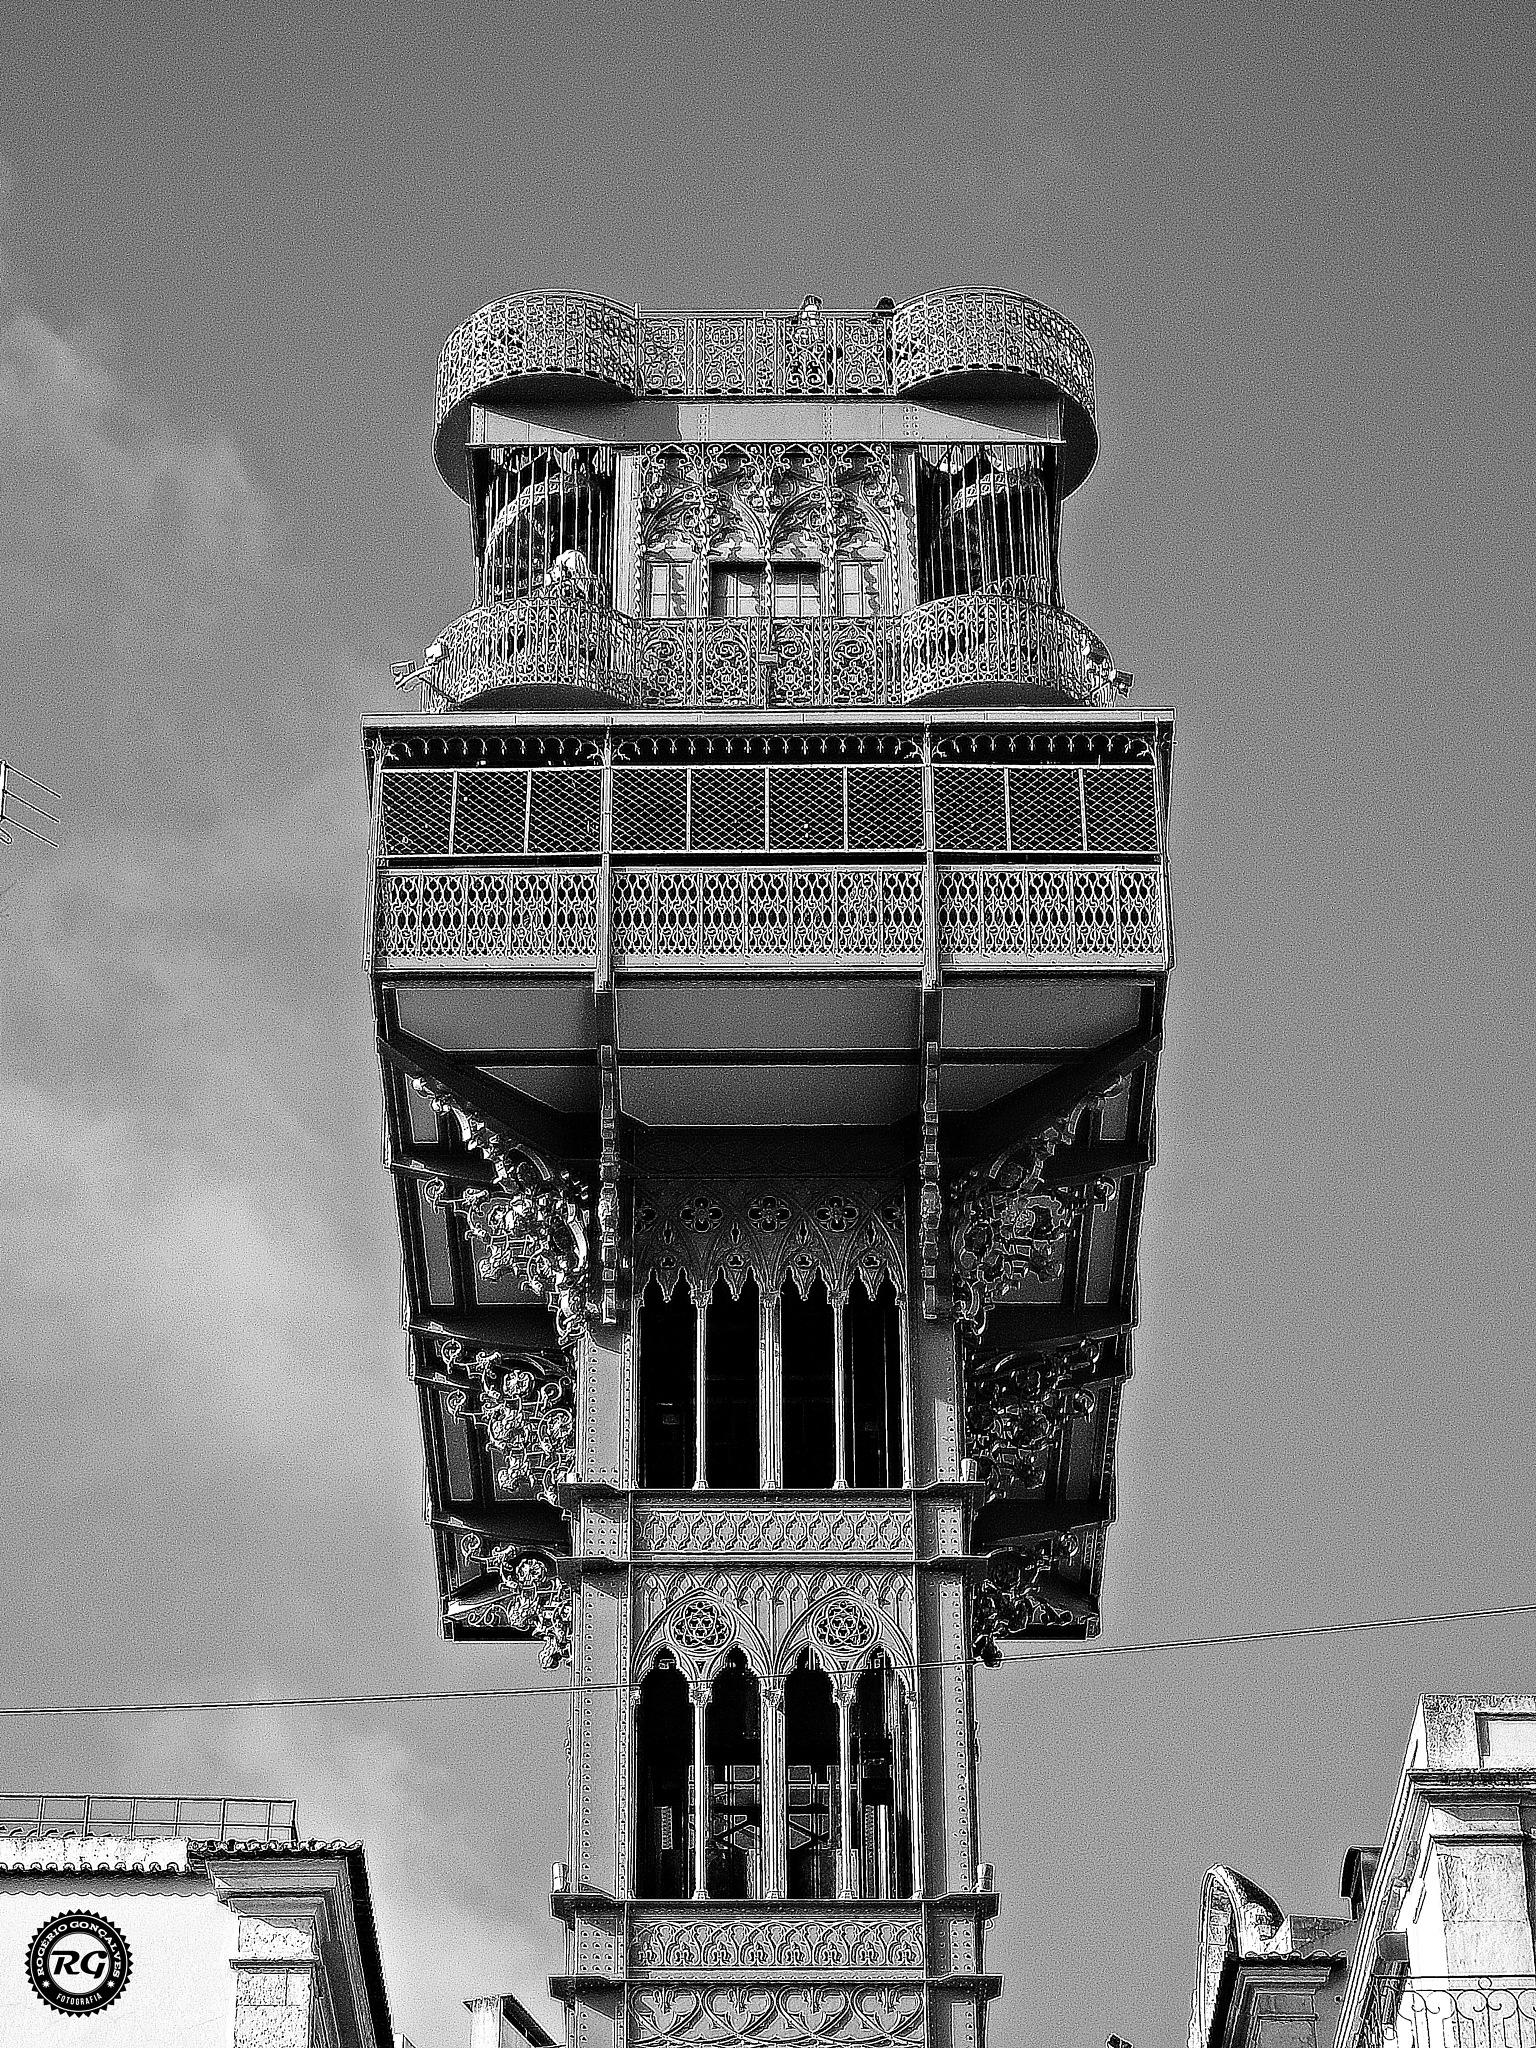 Elevador de Santa Justa by Roger Photography